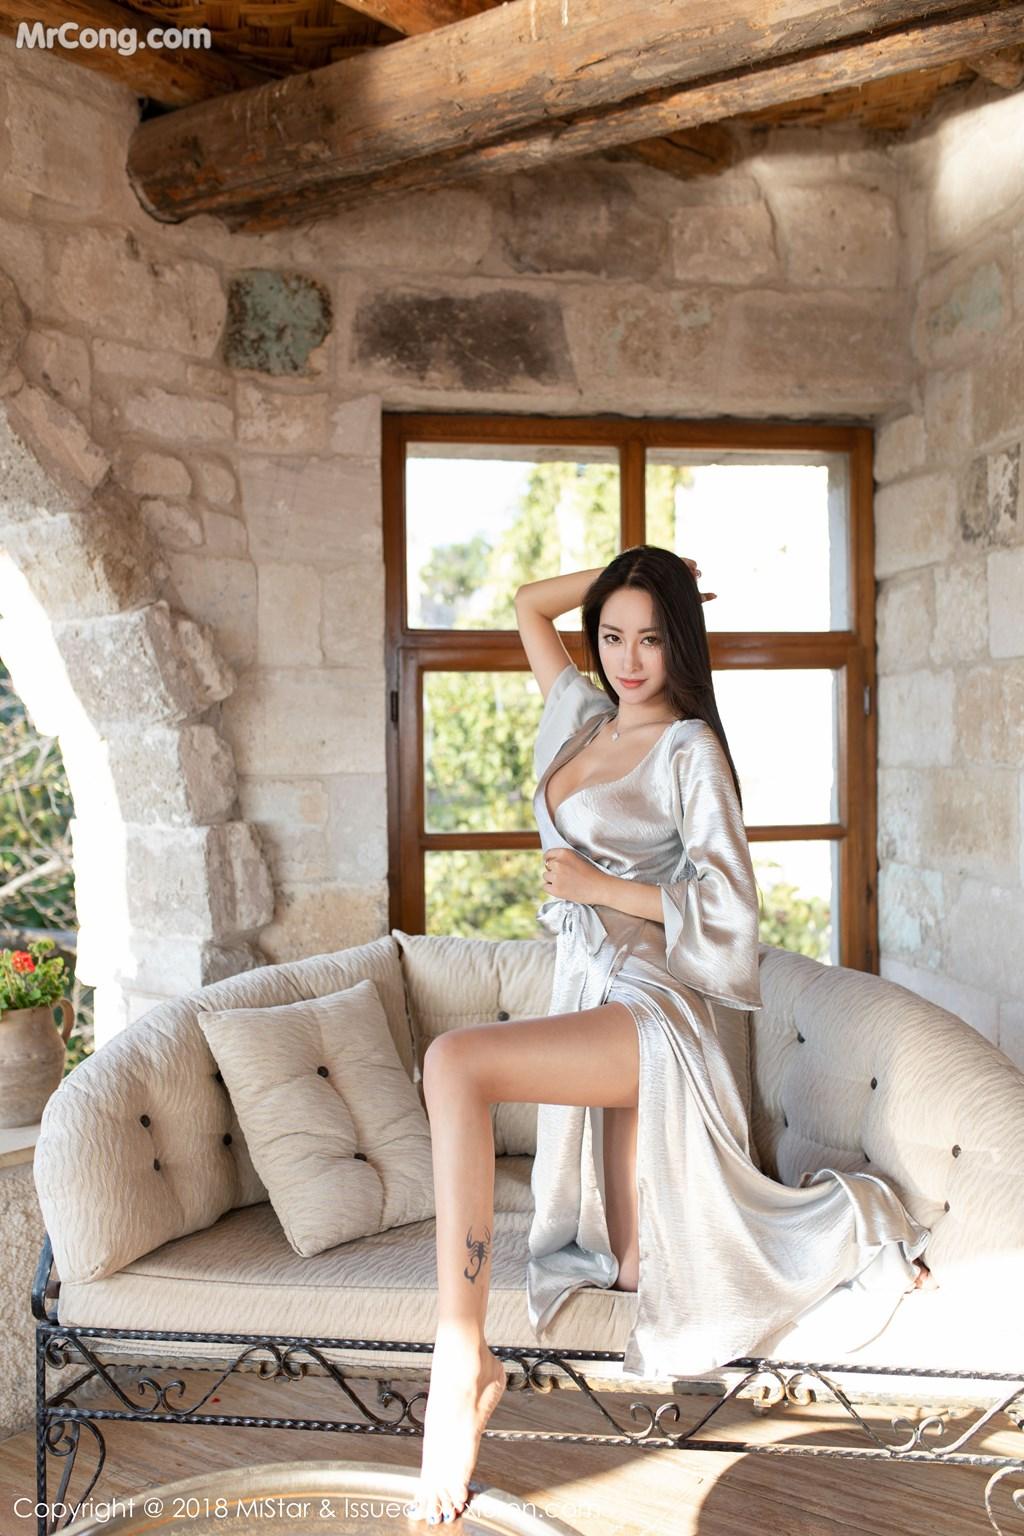 Image MiStar-Vol.245-Mu-Fei-Fei-MrCong.com-005 in post MiStar Vol.245: Người mẫu Mu Fei Fei (穆菲菲) (46 ảnh)